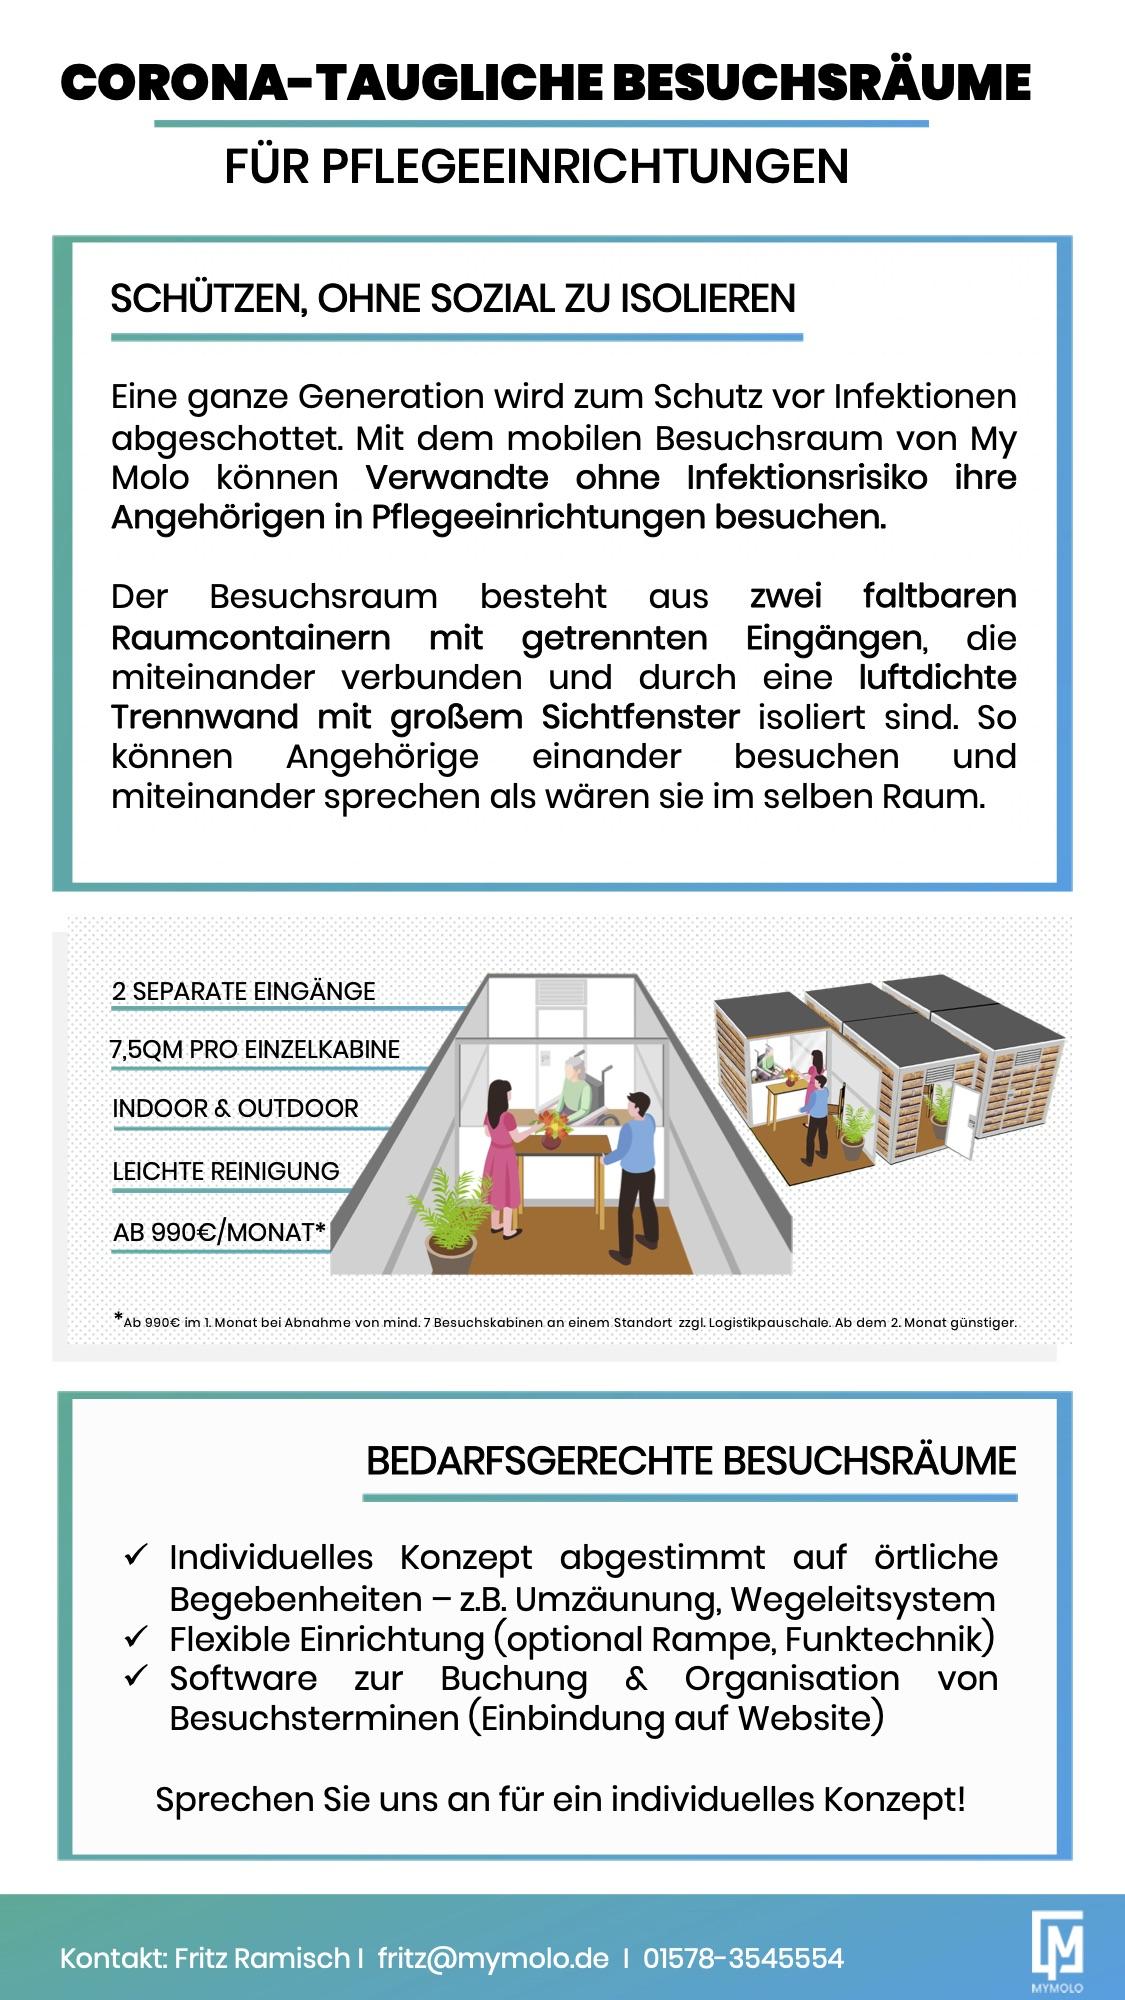 Mobile-Besuchsraume-fur-Pflege-und-Altenheime